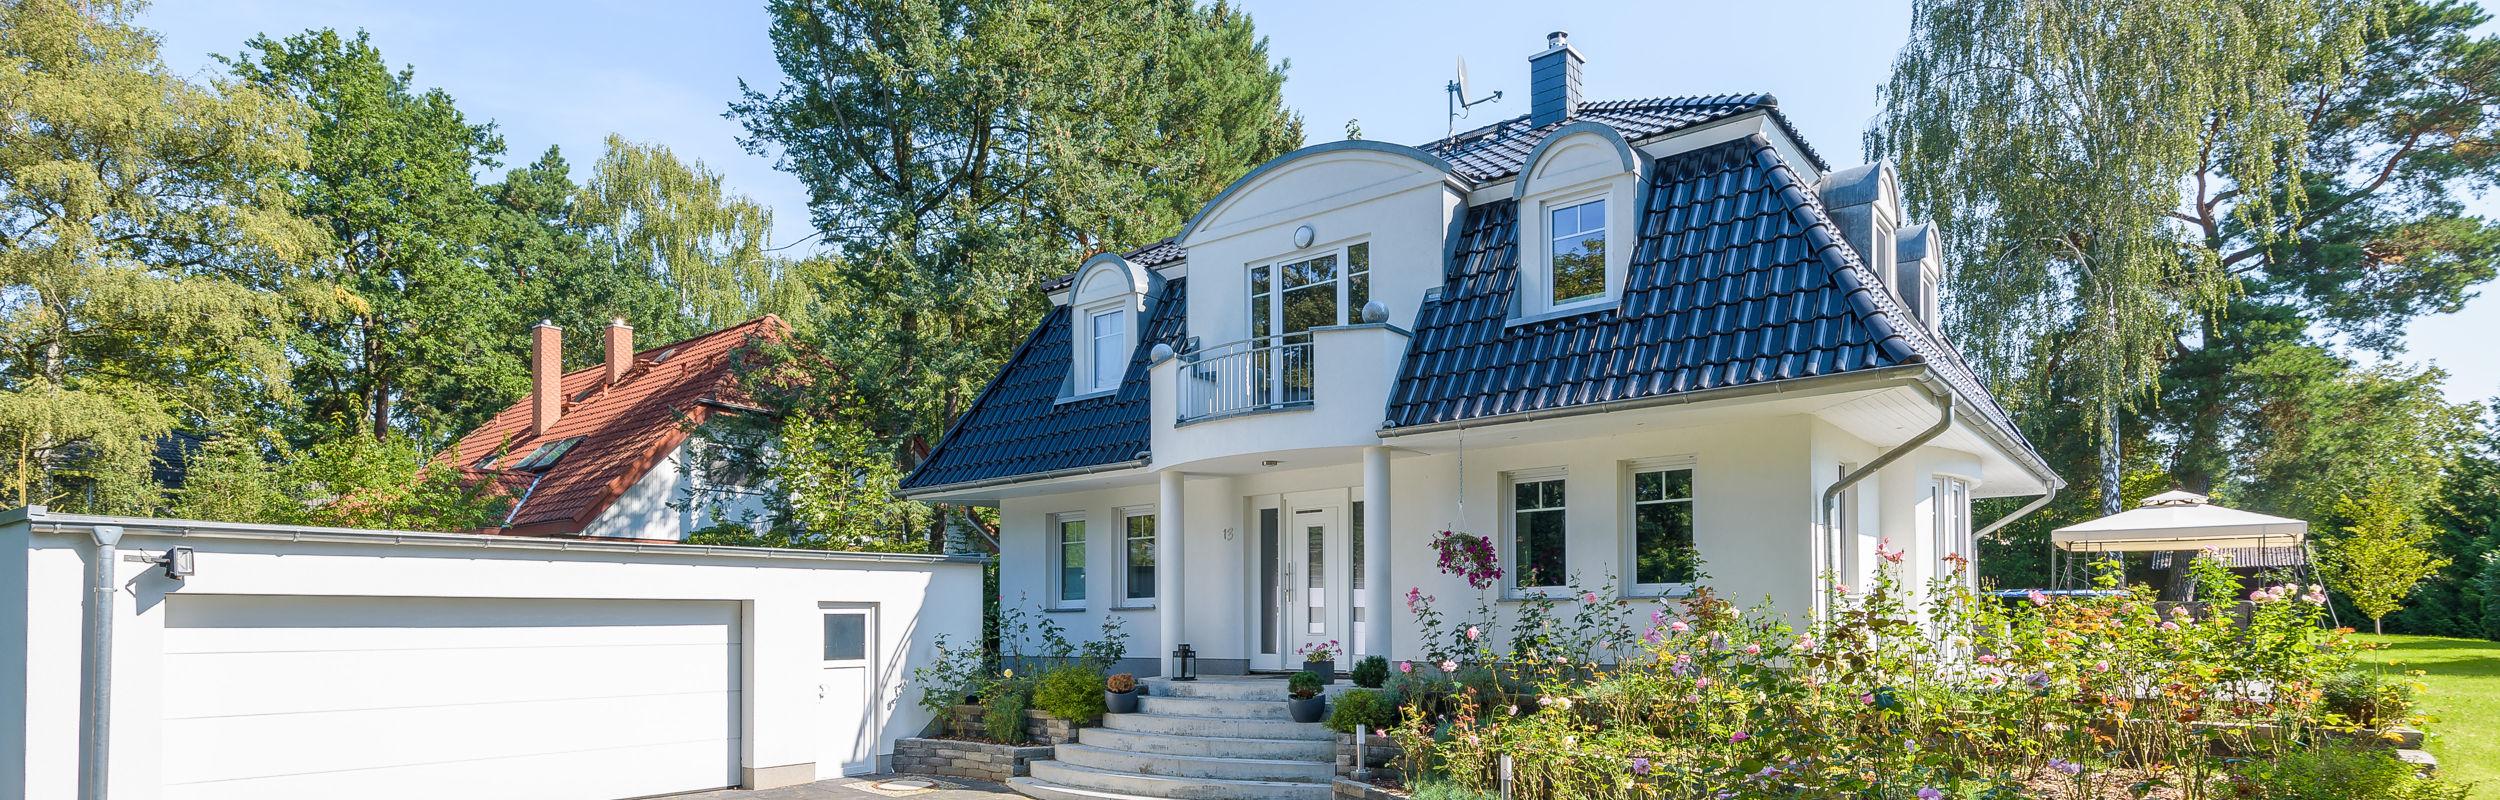 Hausbau in deutschland arge haus hausbau for Hausbau bilder